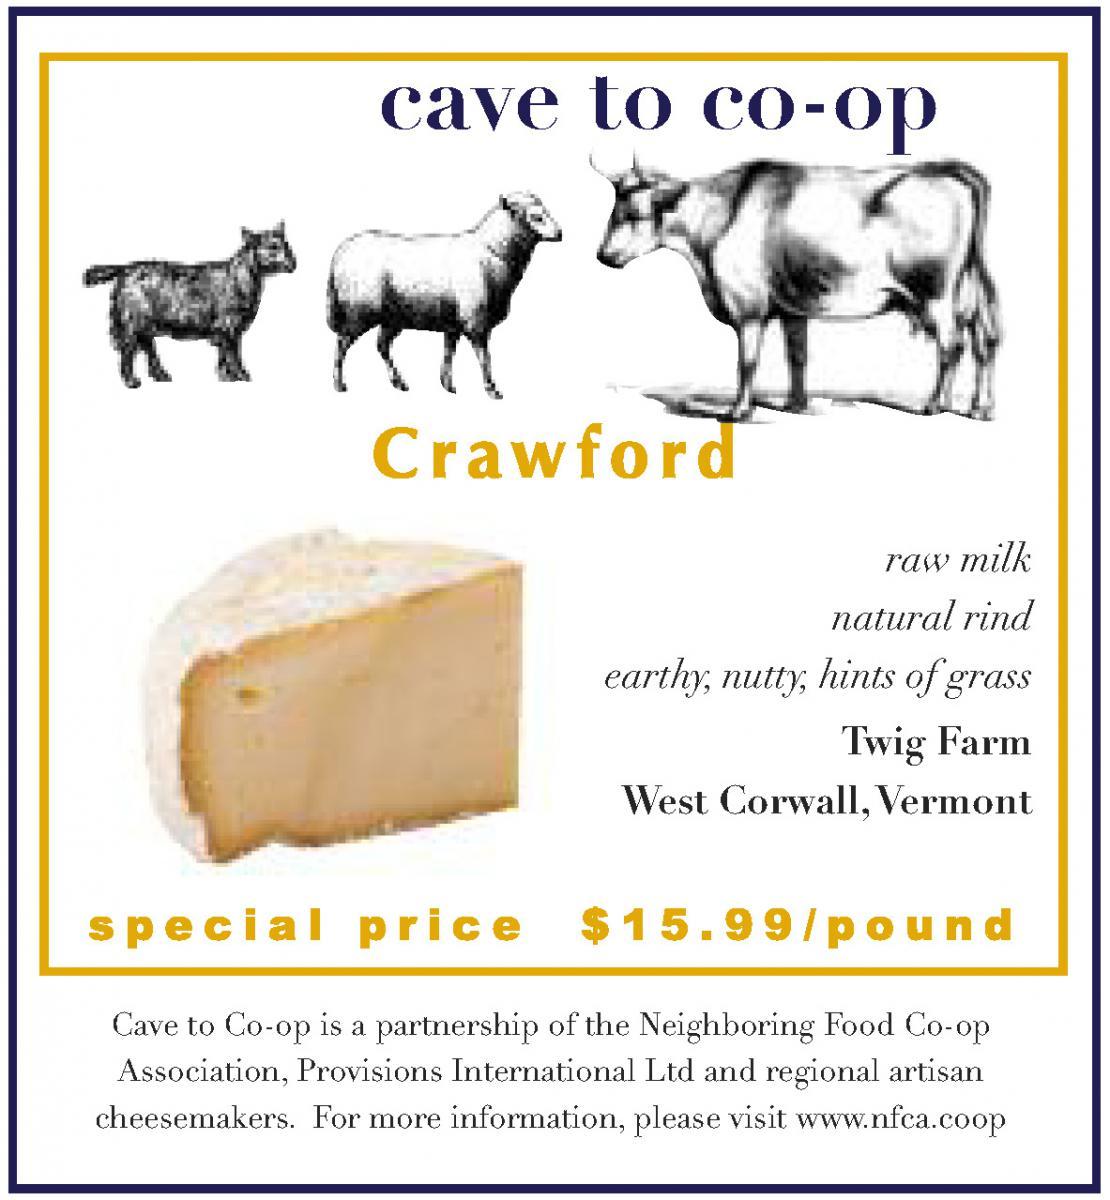 CaveToCo-op.2016.05.Crawford.jpg